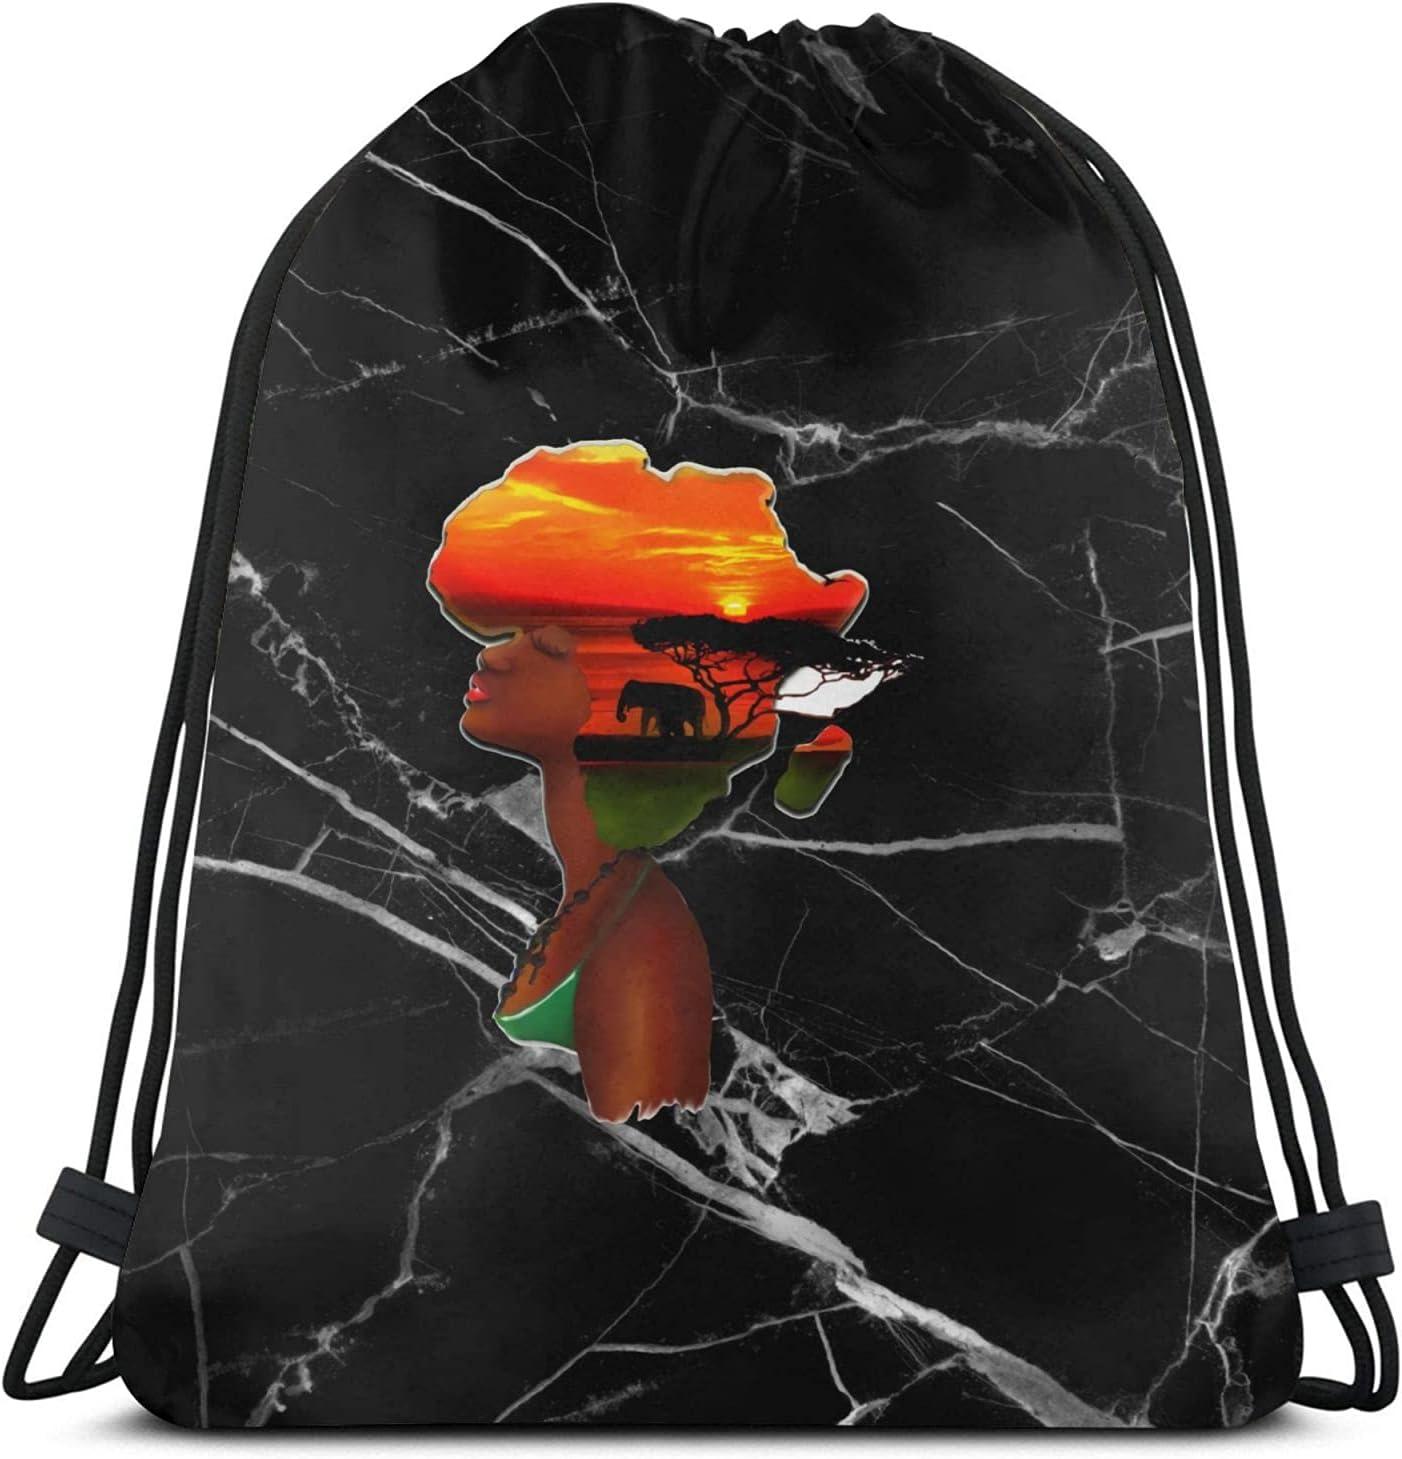 Max 80% OFF African Sunset Drawstring Backpack Sport Bargain sale Sackpack Workout Bag